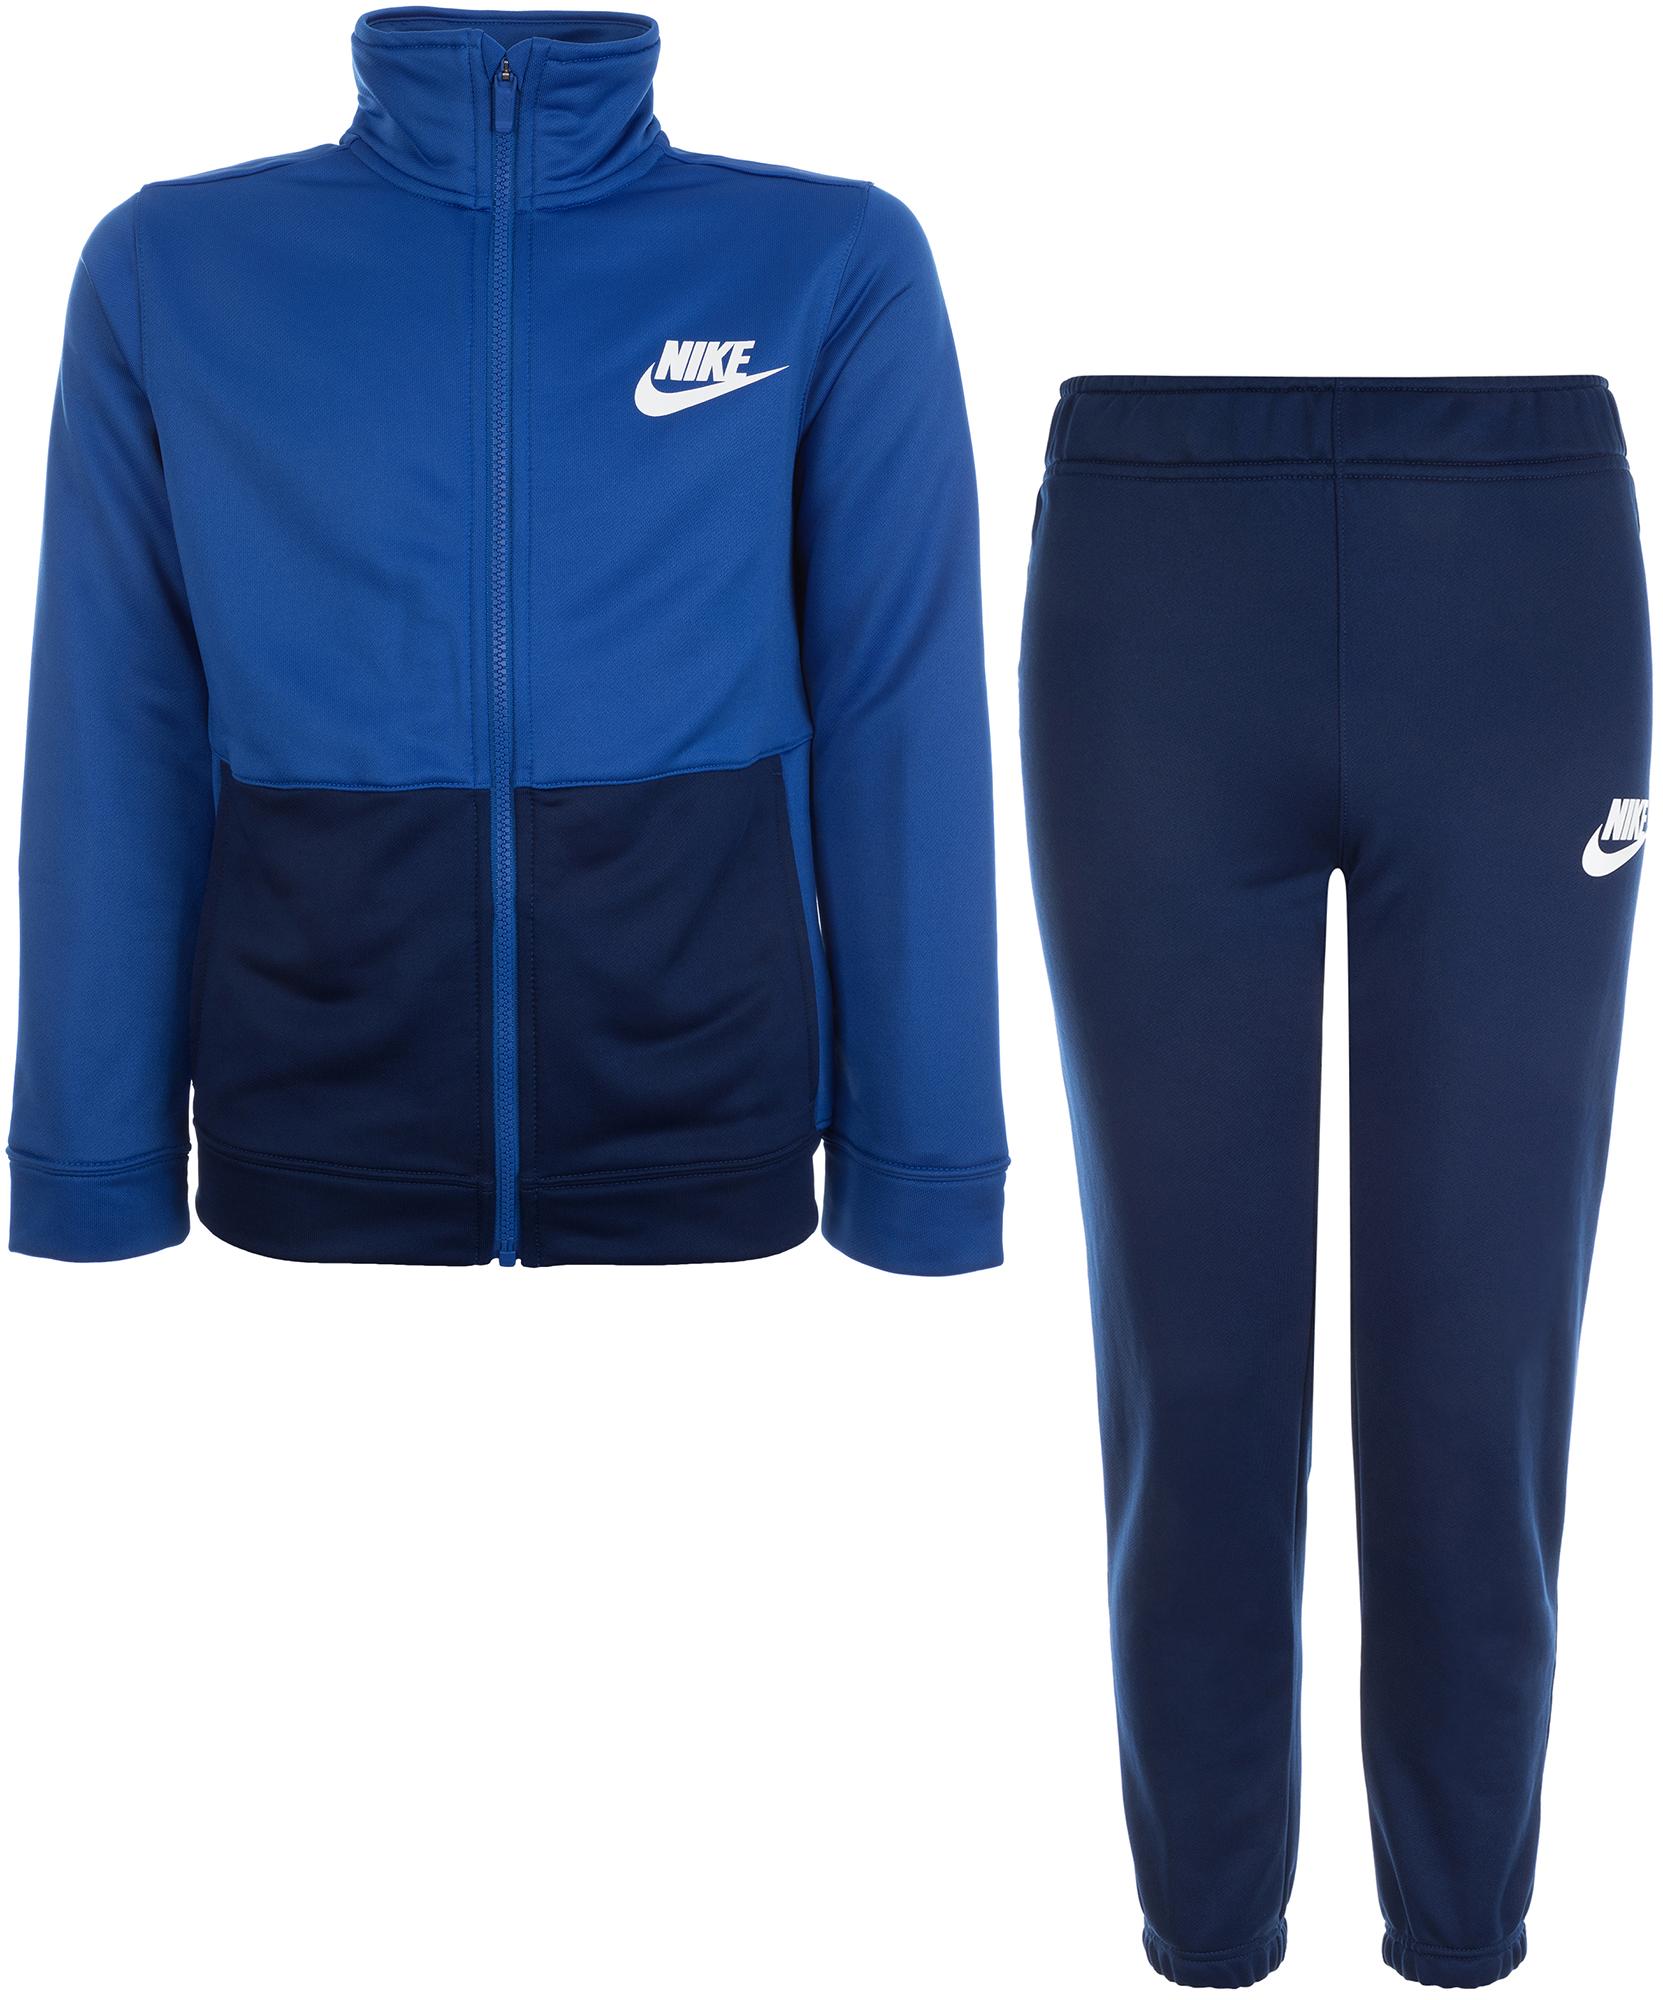 Nike Костюм спортивный для мальчиков  Sportswear, размер 147-158